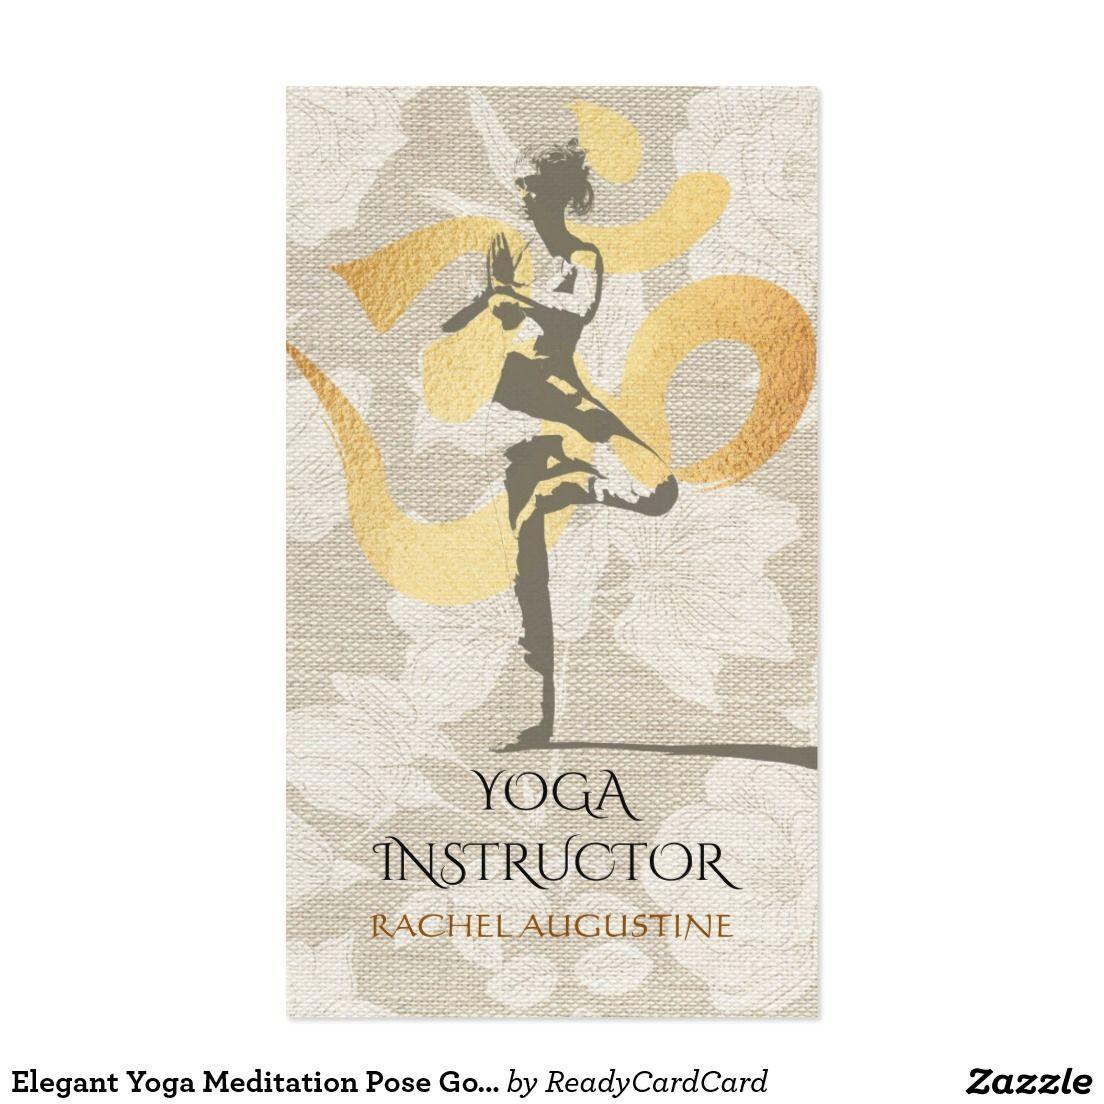 Elegant Yoga Meditation Pose Gold Foil Om Symbol Business